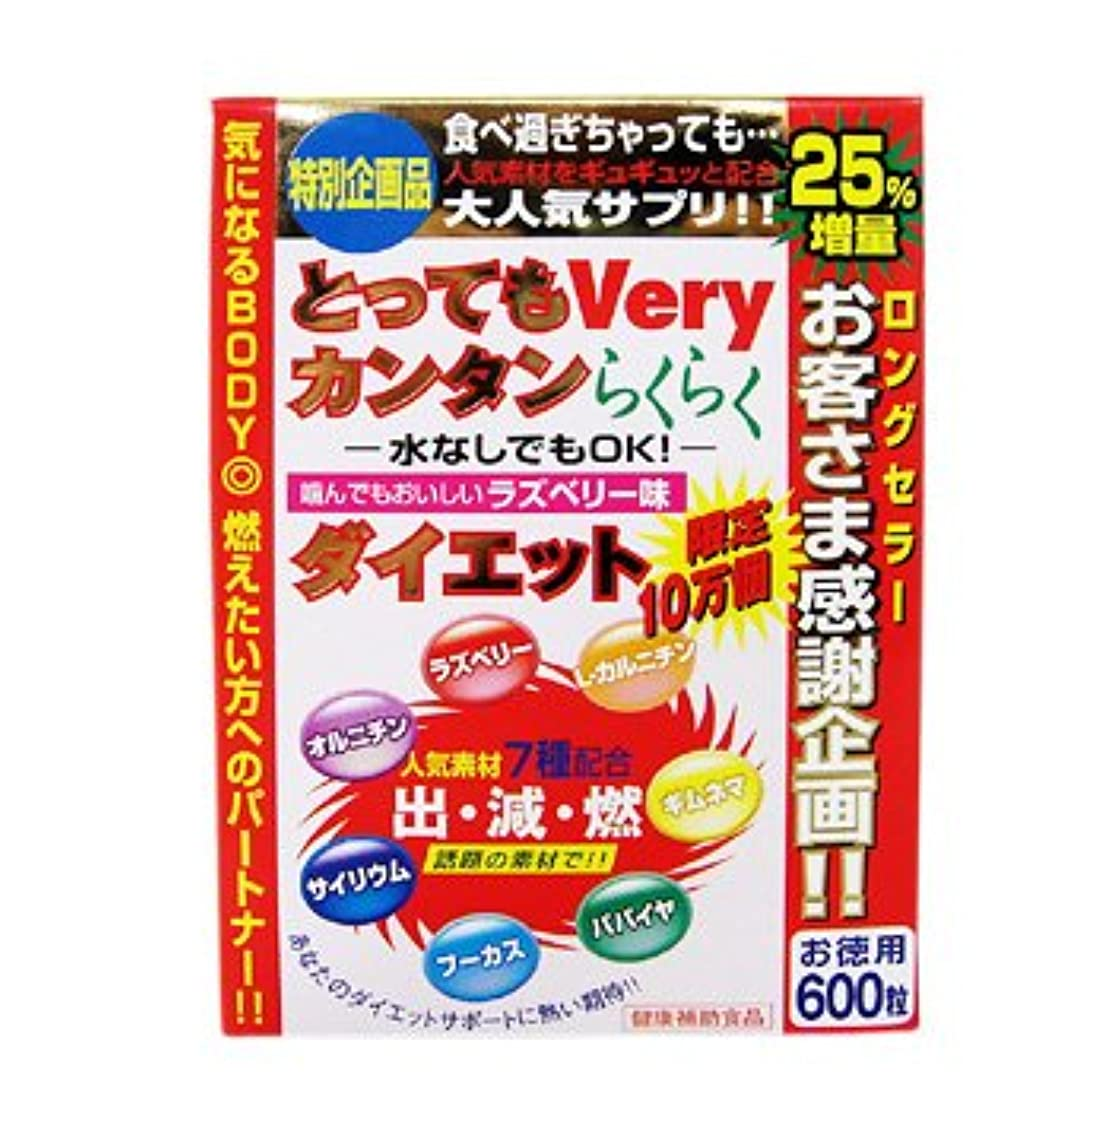 機械的クロス集団的ジャパンギャルズ とってもVery カンタンらくらくダイエット お徳用 600粒 とってもベリー×10個セット